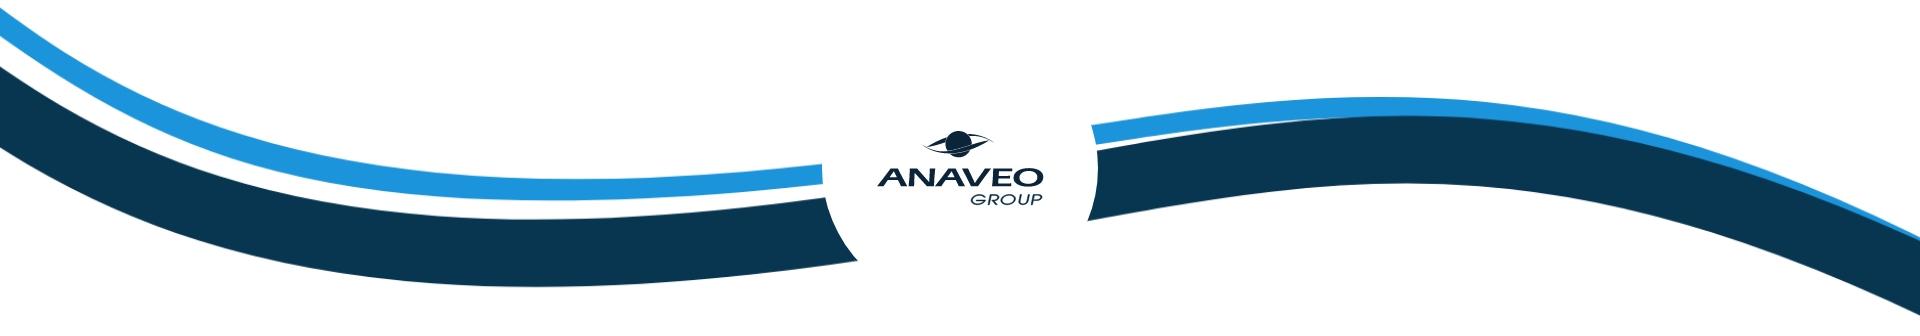 Anaveo Group